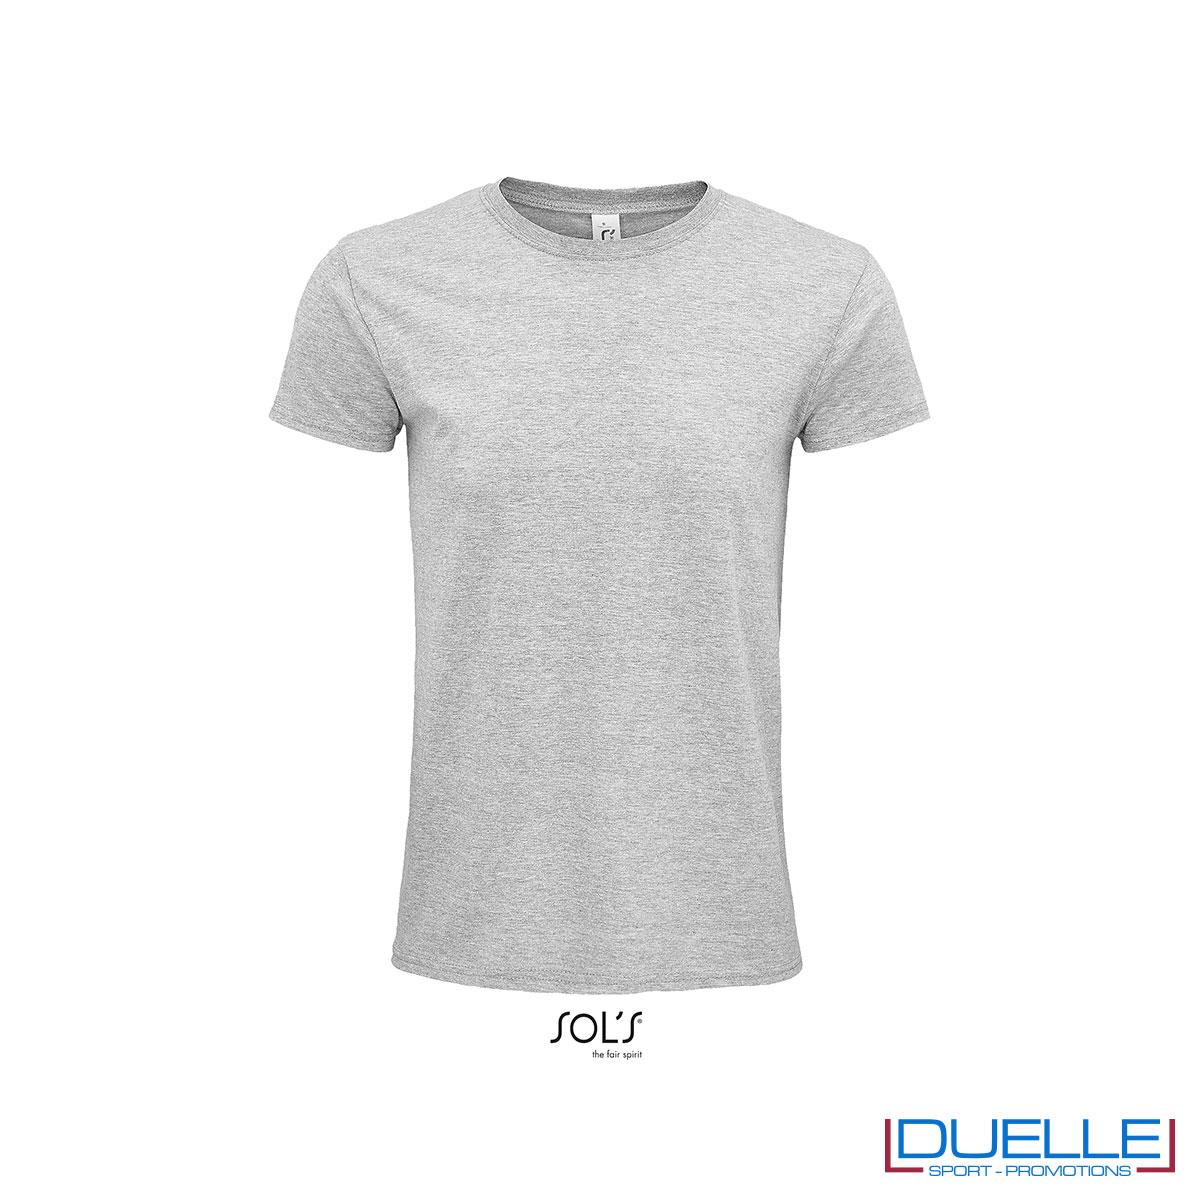 T-shirt ecosostenibile in cotone biologico colore grigio melange personalizzata